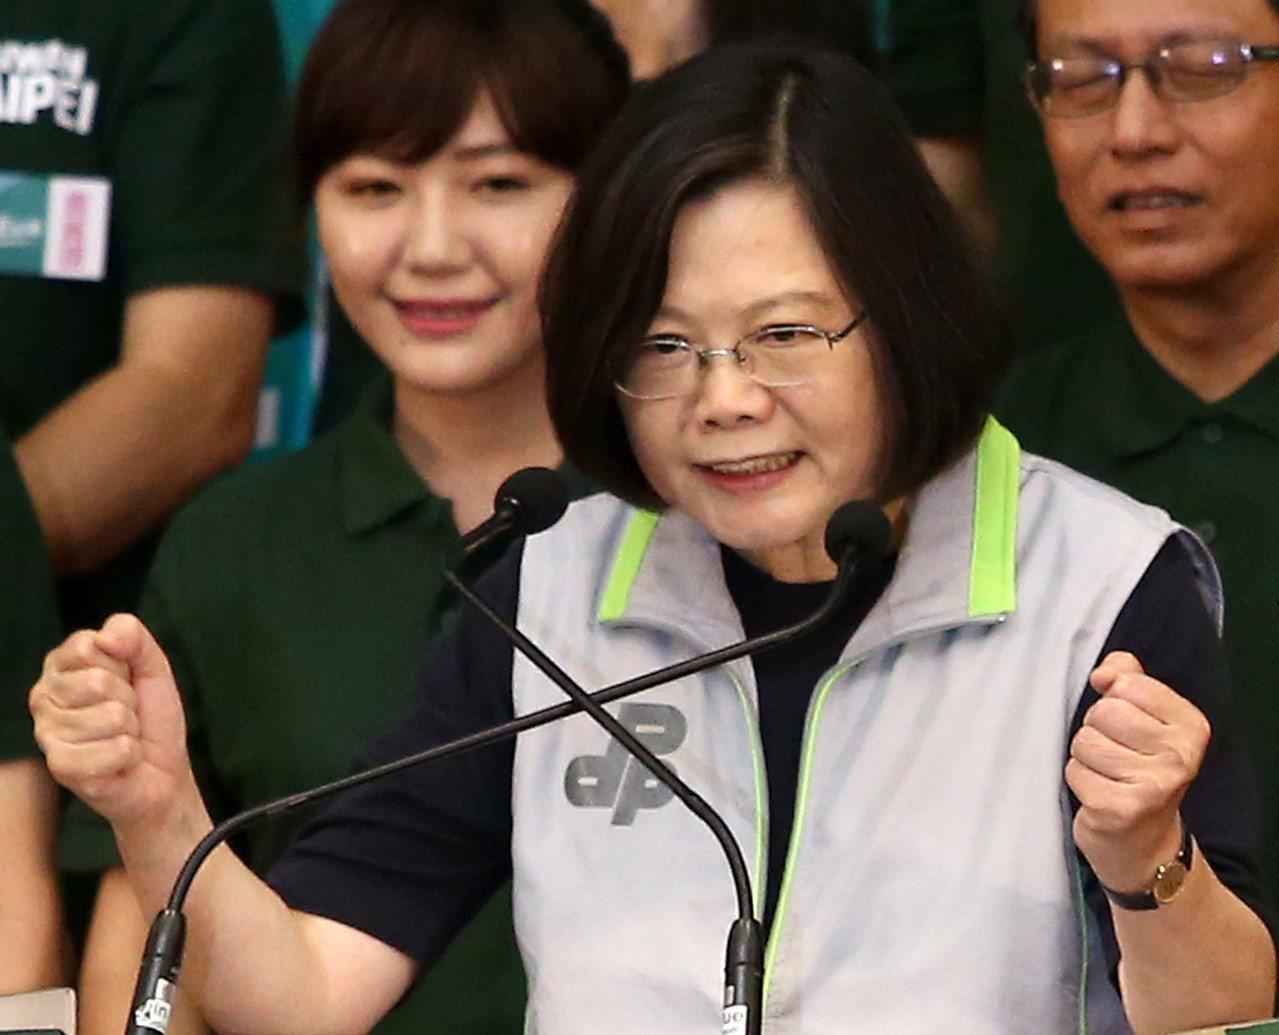 民進黨主席蔡英文(右)為民進黨台北市參選人造勢,表示台灣目前不缺電、經濟也比國民...